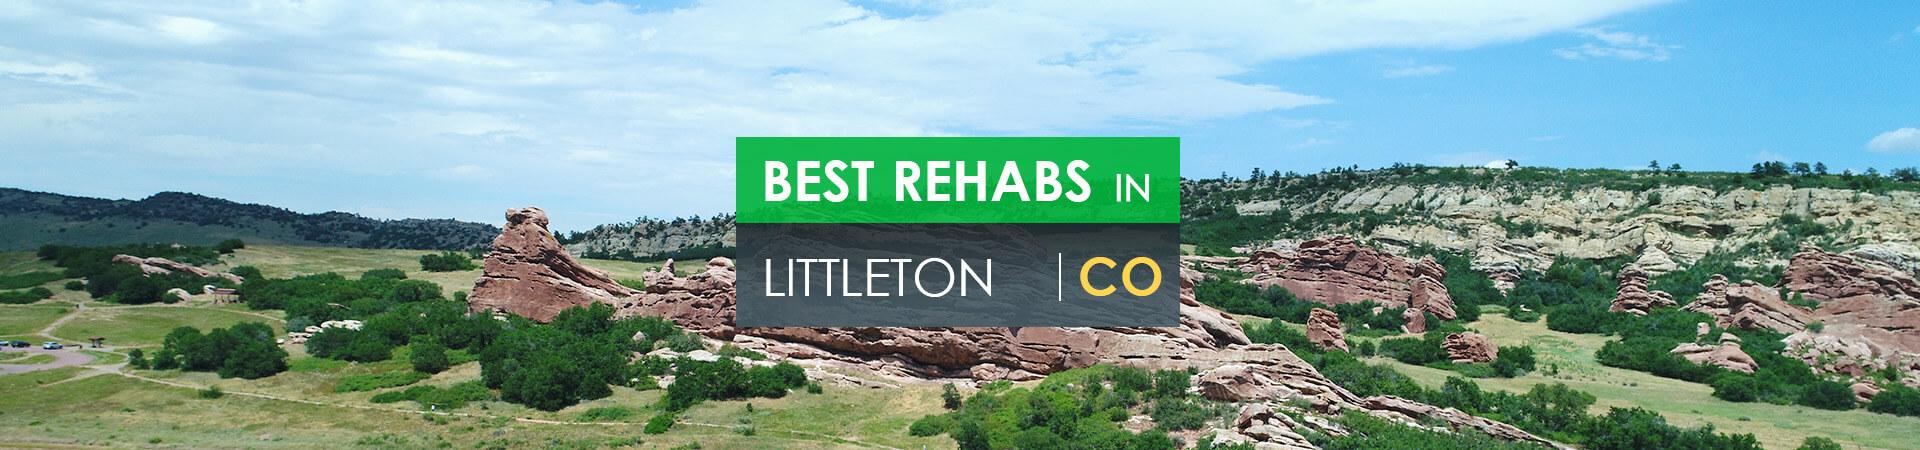 Best rehabs in Littleton, CO